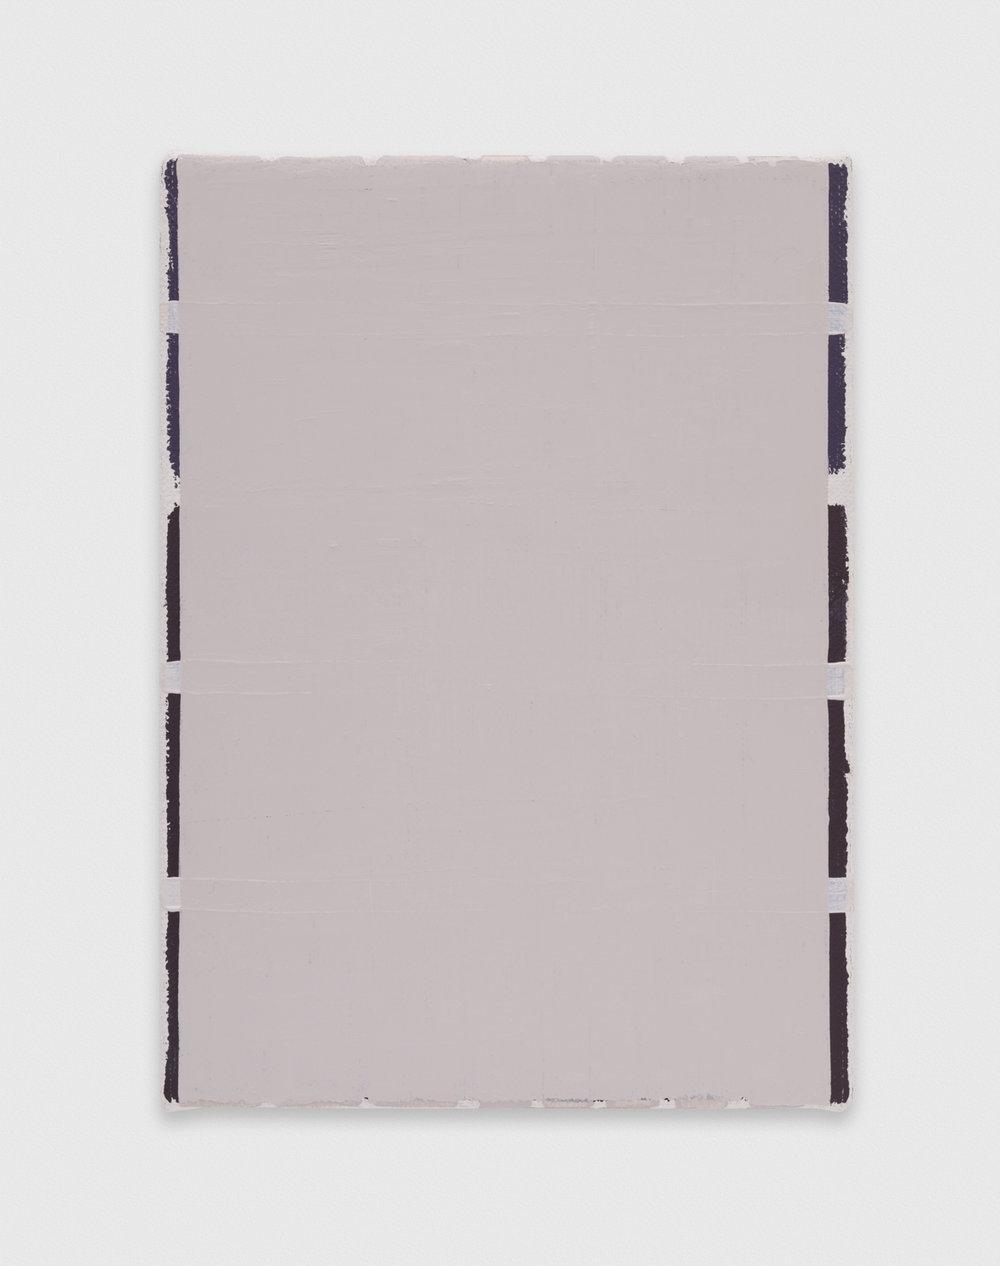 YuiYaegashi  3, 1  2018 Oil on canvas 8 3/4h x 6 1/4w in YY121